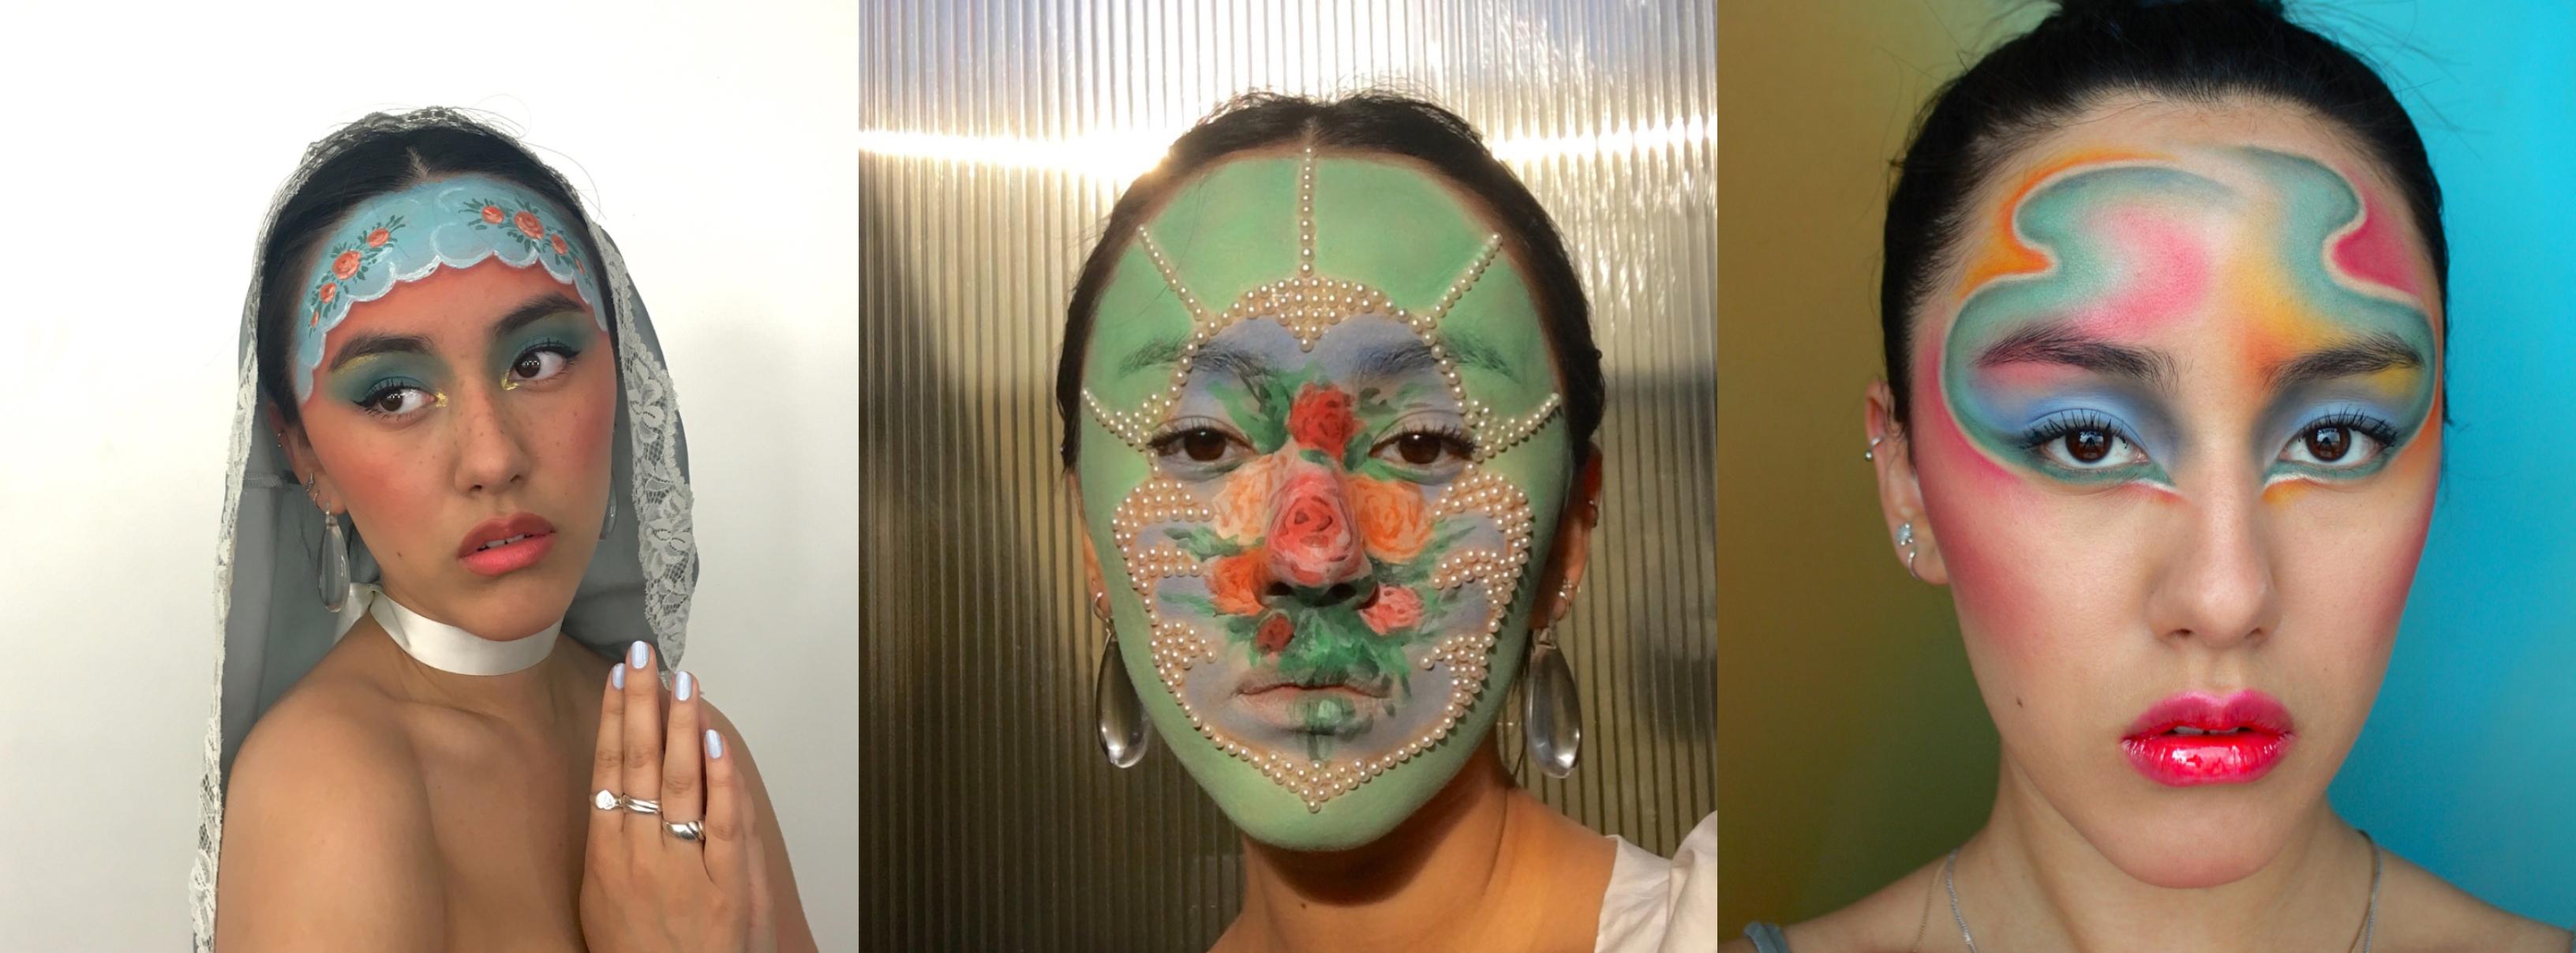 Ana Takahashi : l'instagrameuse qui fait de son visage une oeuvre d'art